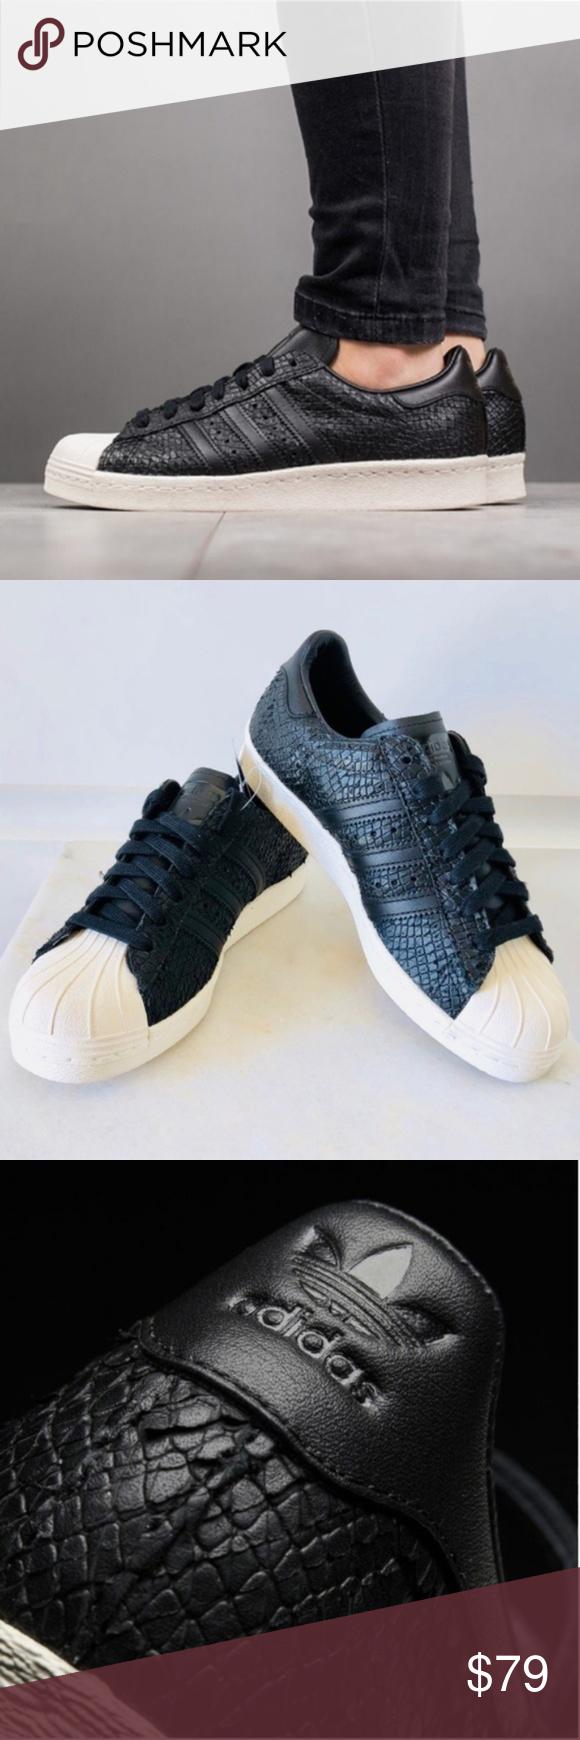 Adidas Superstars 80's BLACK Leather